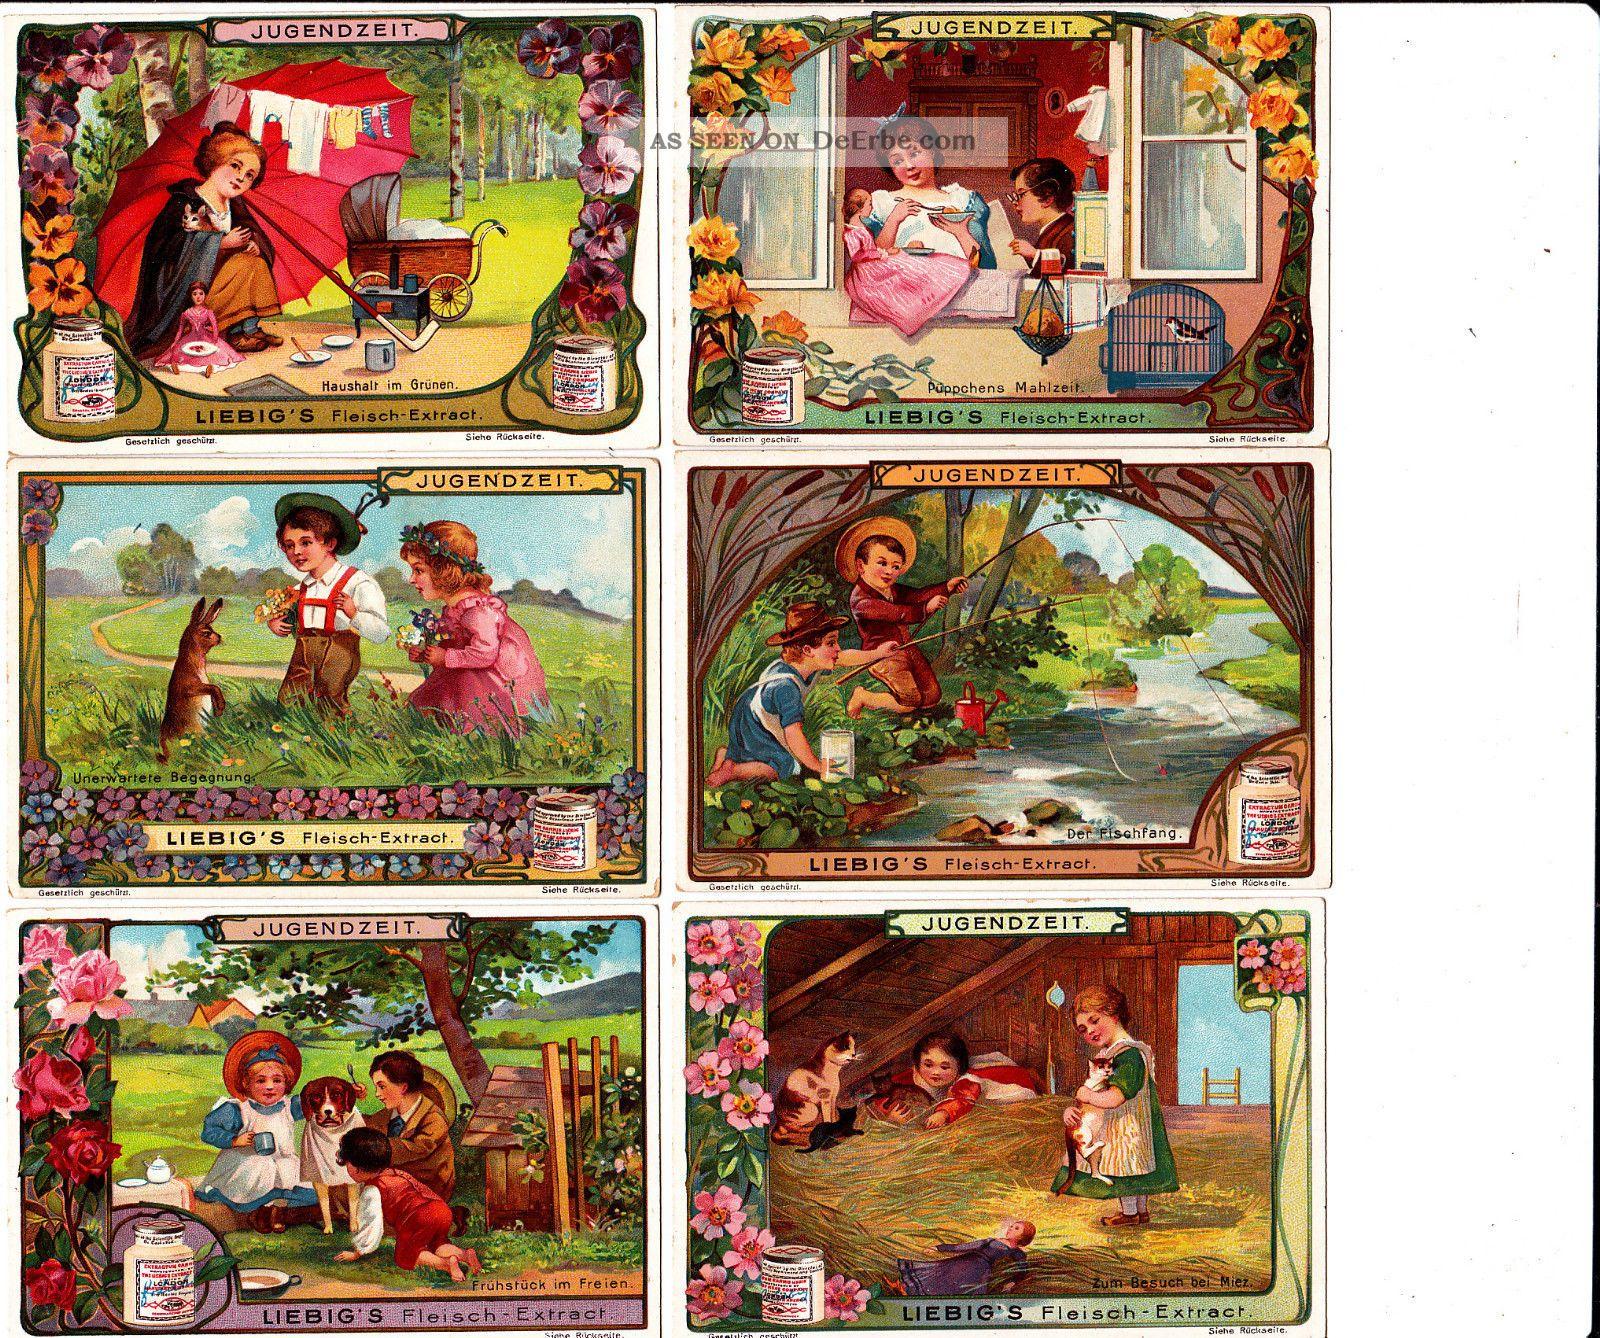 Liebig Bilderserie 1 - 6/ Jugendzeit Liebig Serie Nr: 597 1890-1919, Jugendstil Bild